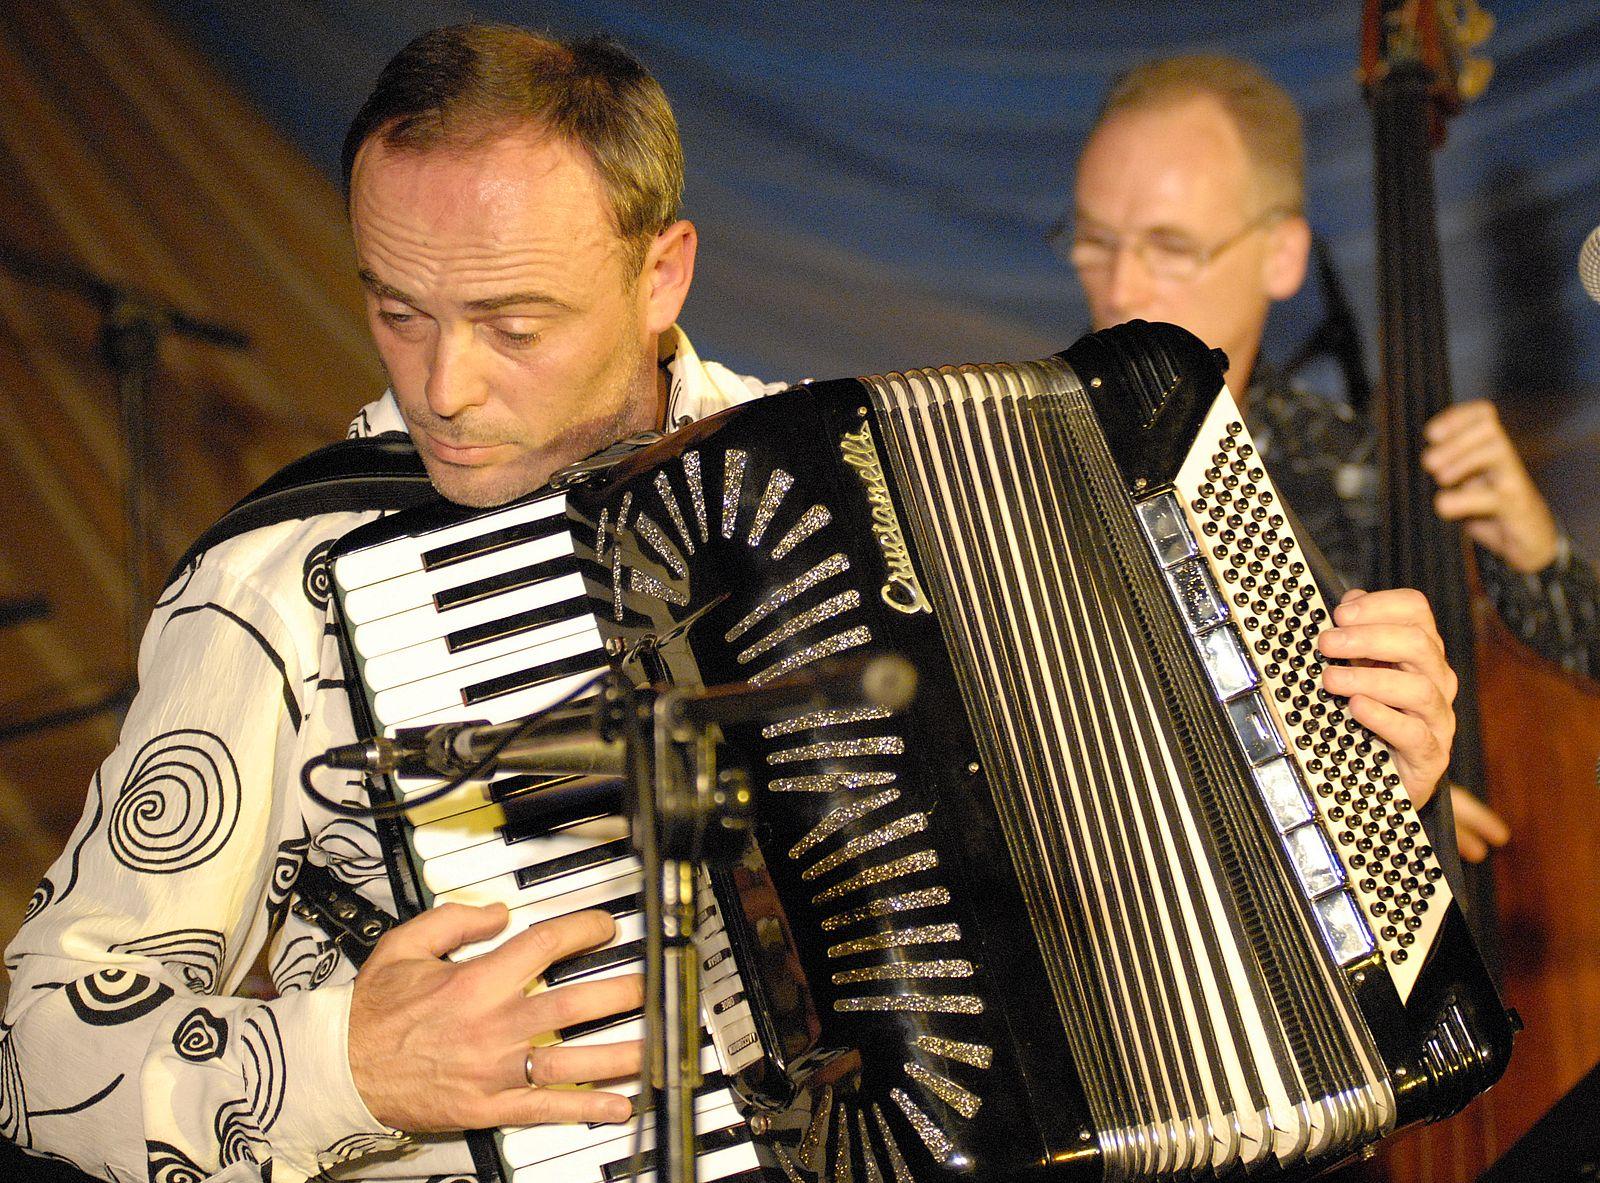 Trwa wielkie święto akordeonu! [ZOBACZ WIDEO] - Zdjęcie główne